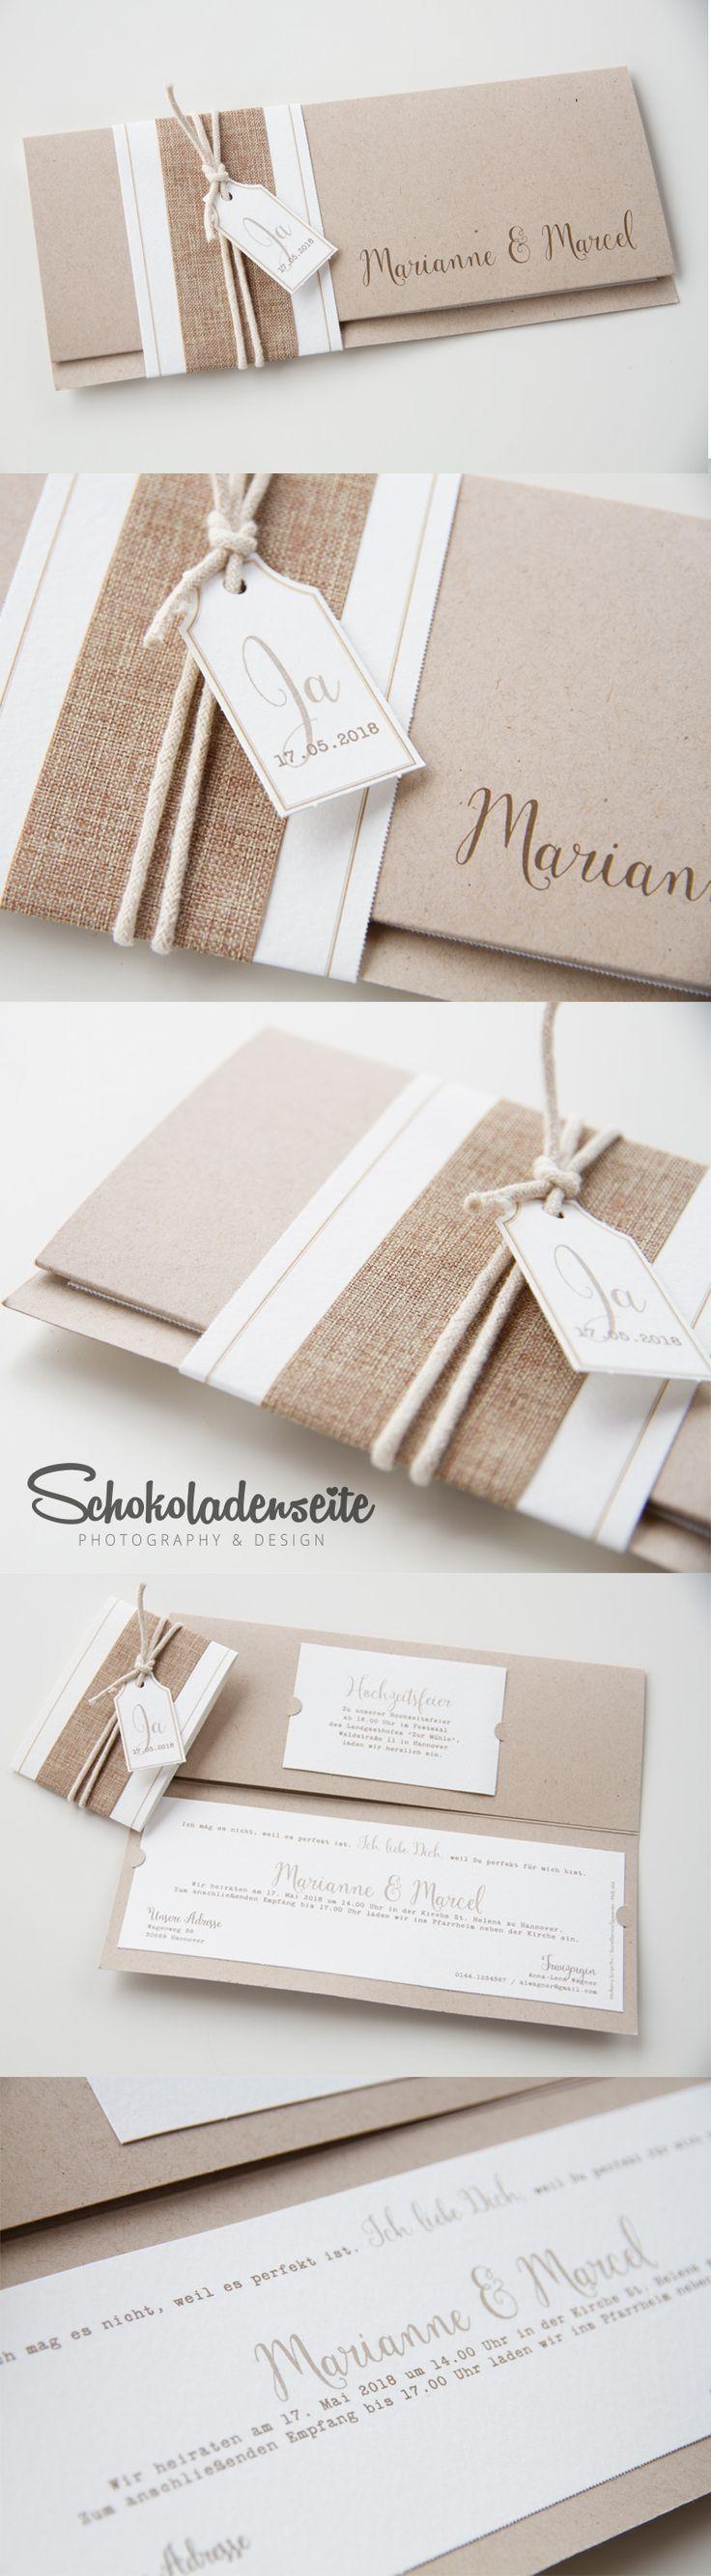 Ihr Mäuse, hier eine unserer bezaubernden Kraftkartonkarten. <3 Mit vielen kleinen Details, hochwertigen Papieren und rustikalen Bändern ist sie ein absolutes Highlight. <3 #wedding #weddinginvitation #schokoladenseitekarten #love #beautiful #invitation